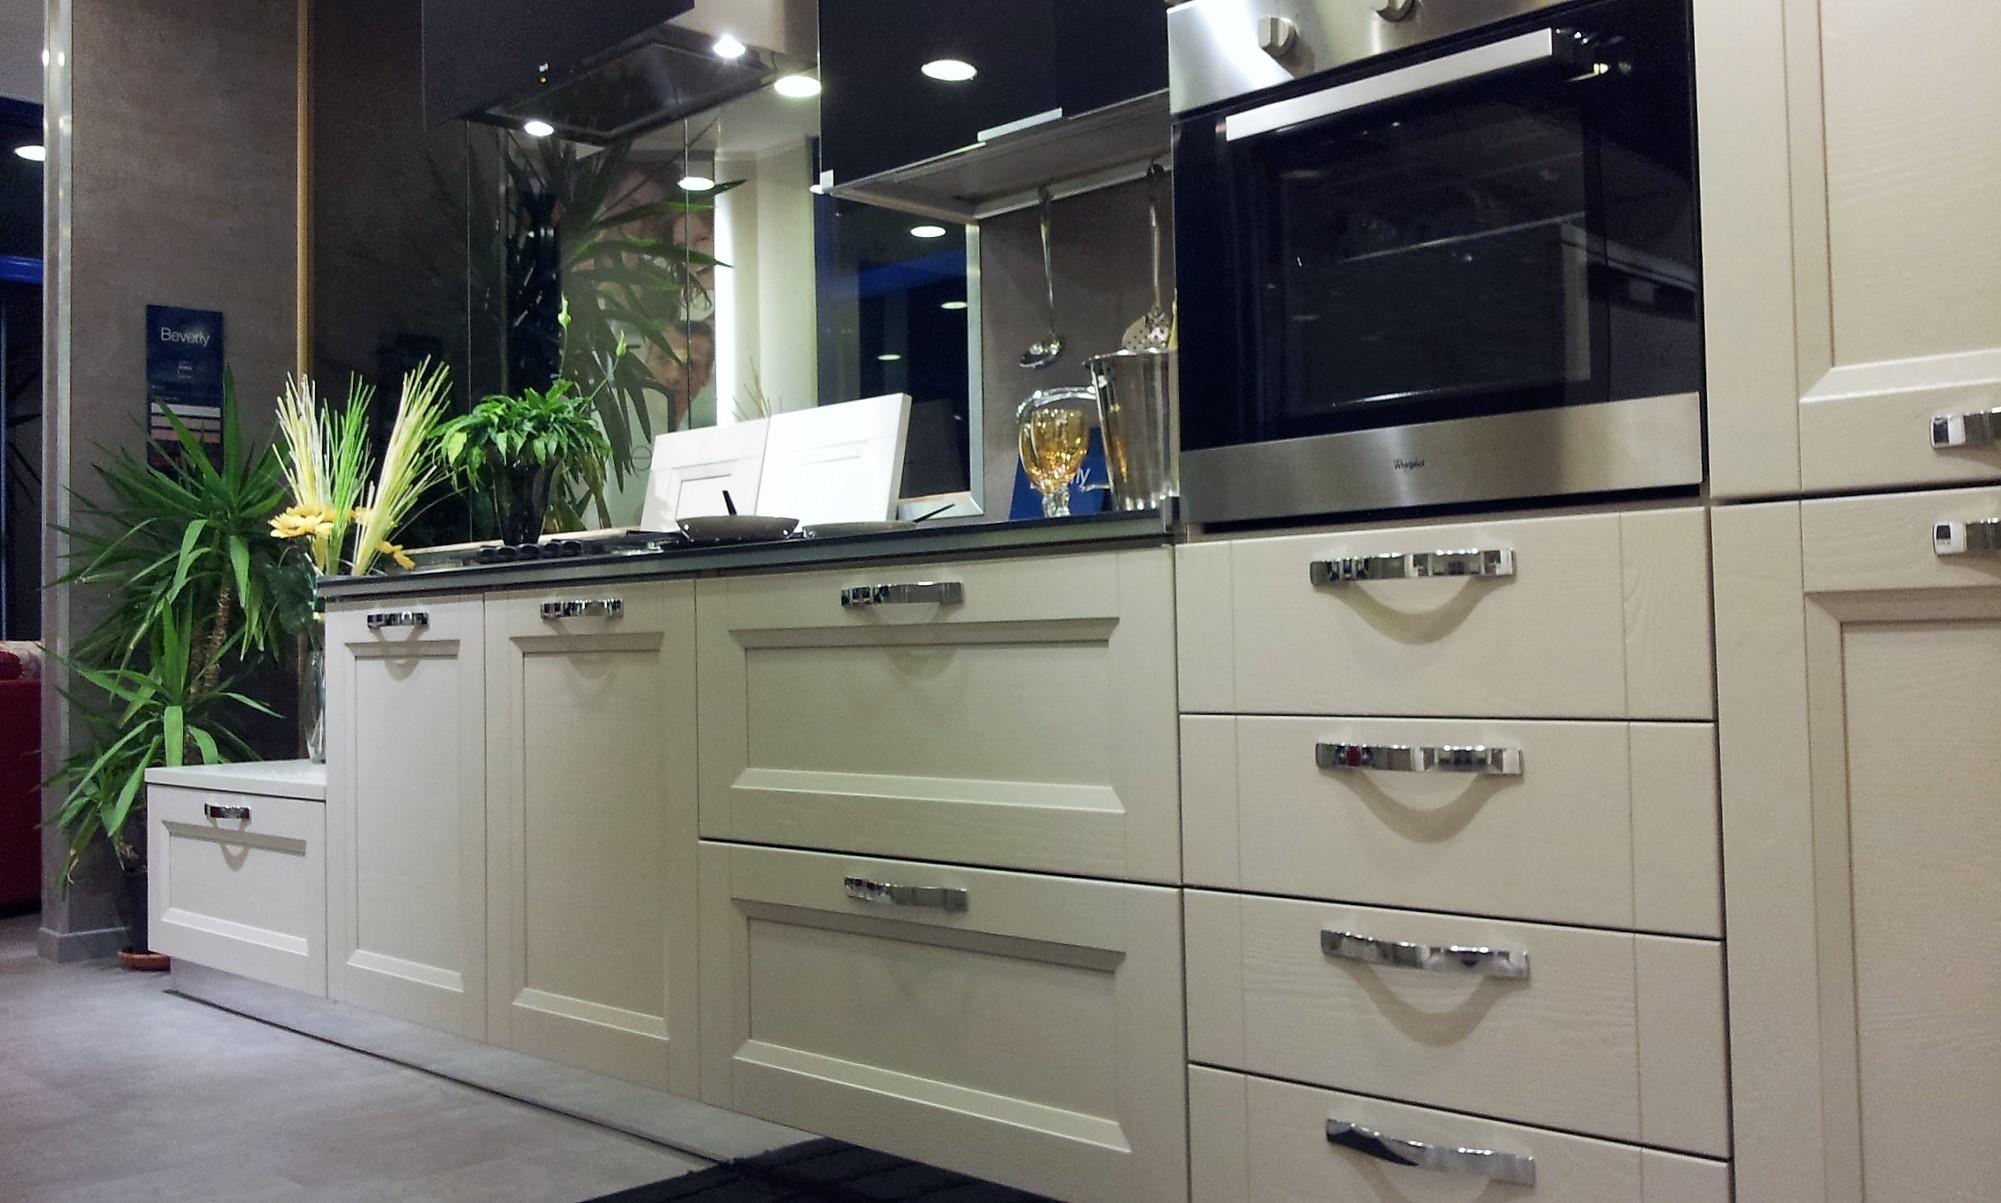 Cucina stosa cucine beverly laccata canapa scontato del - Outlet arredamento cucine ...